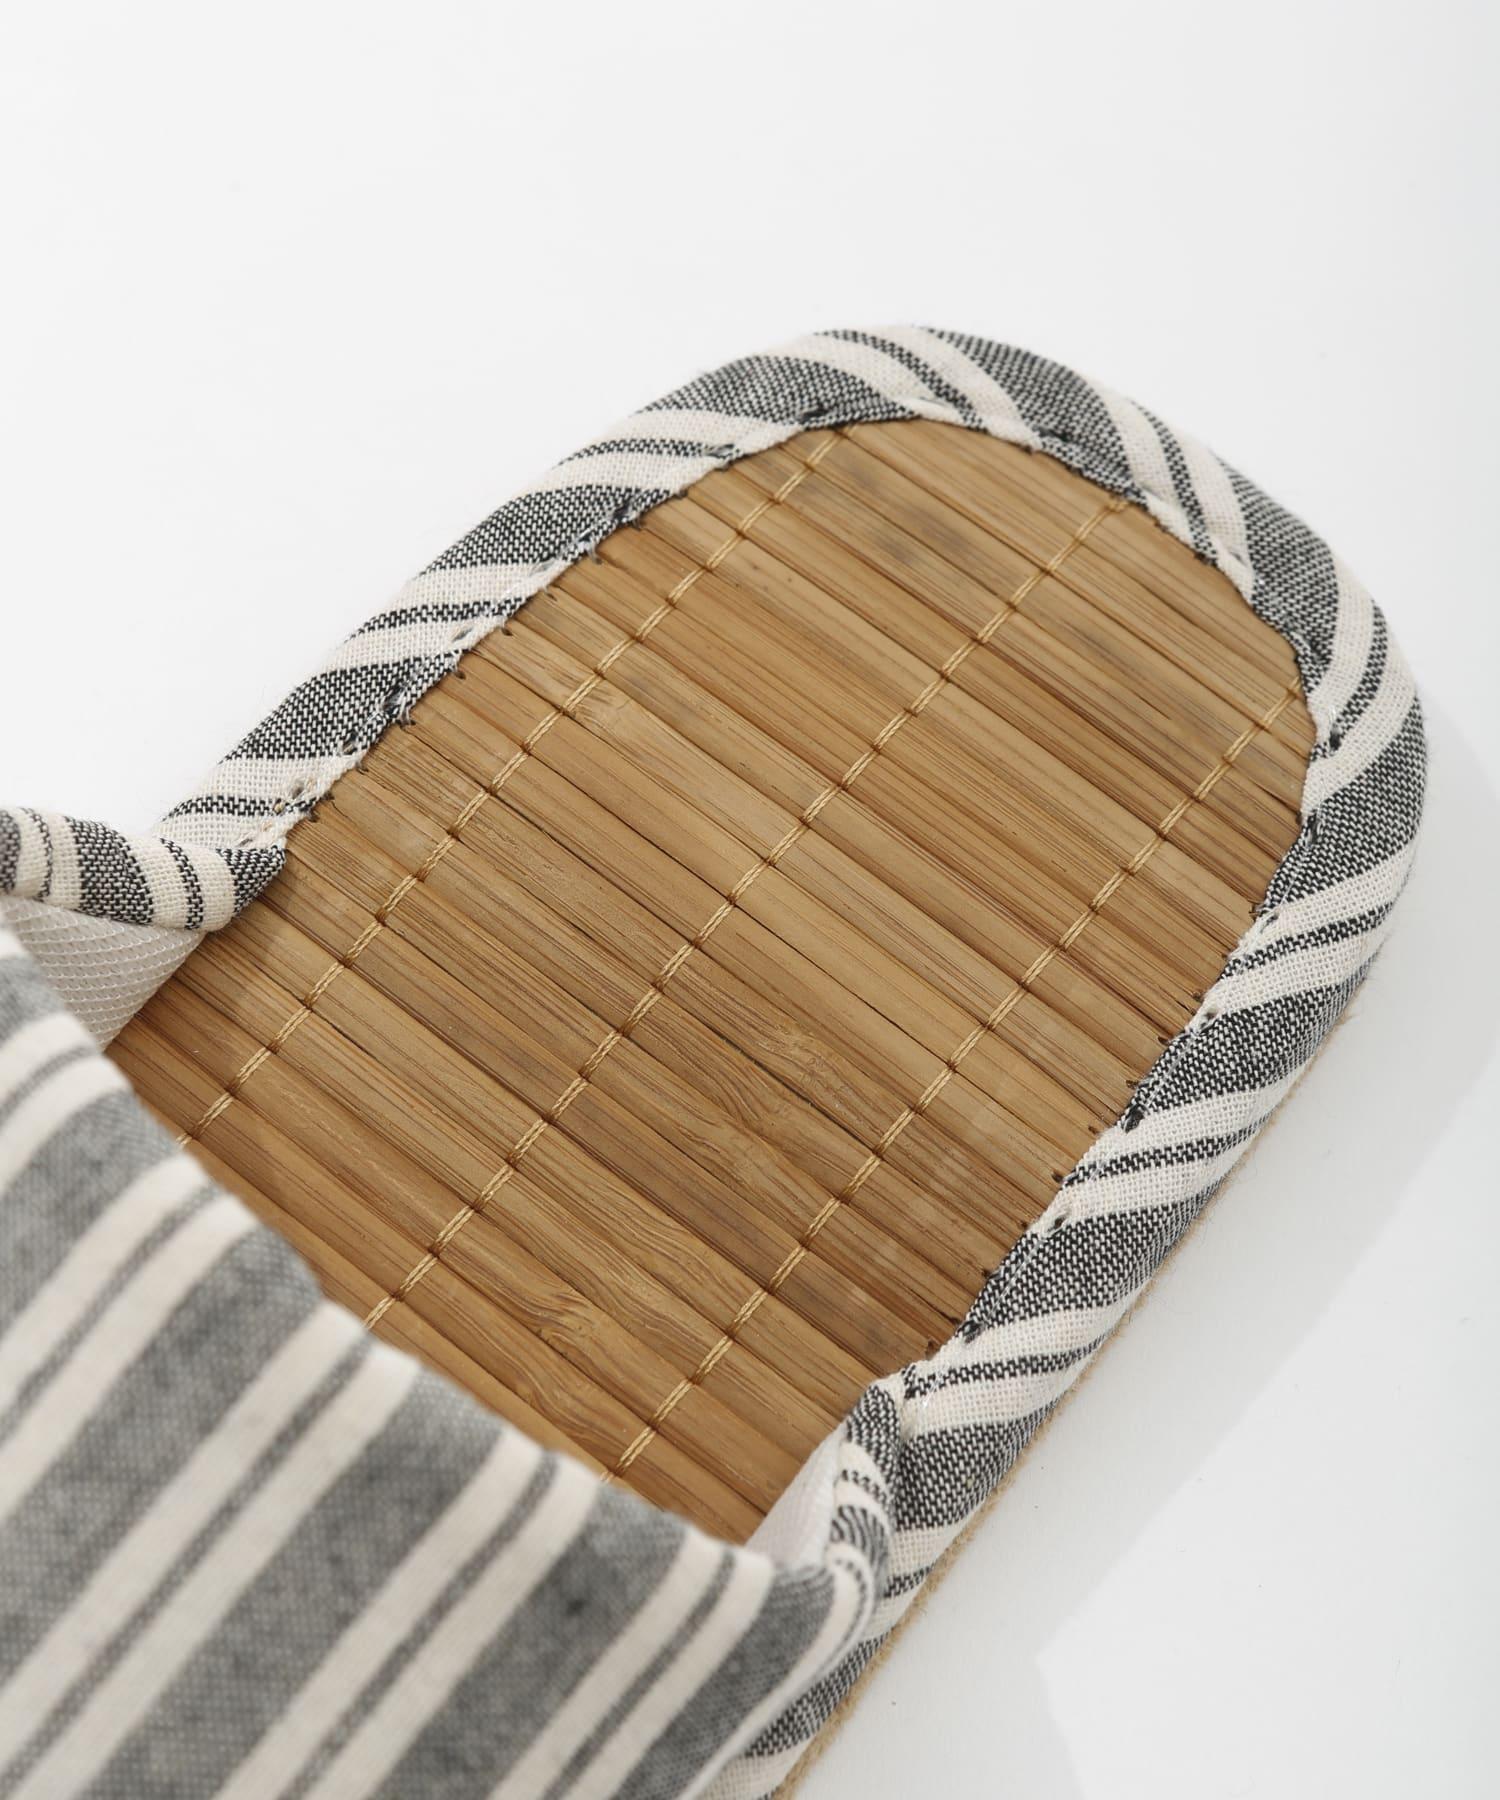 3COINS(スリーコインズ) 【お部屋を涼しく彩る】竹スリッパL